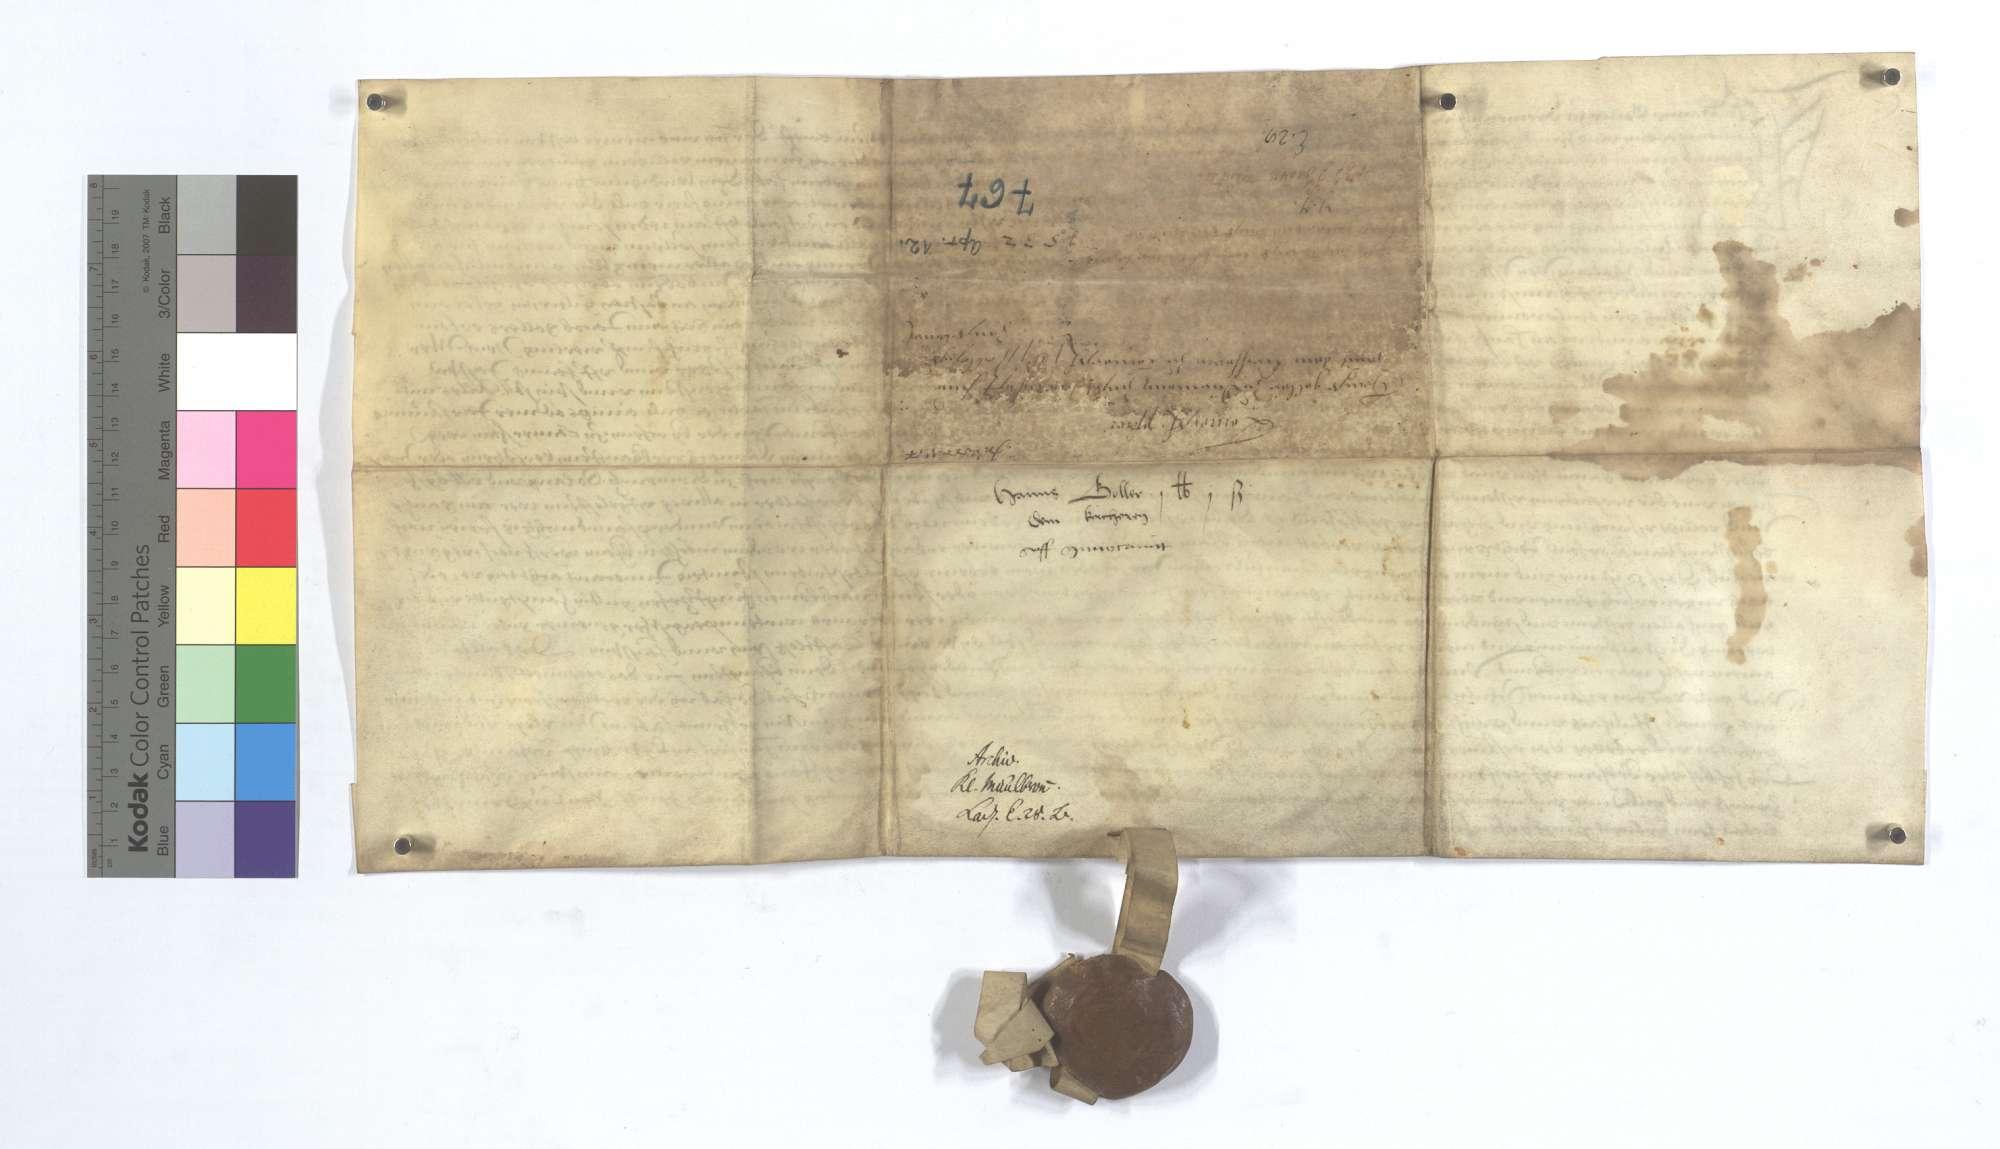 Fertigung Hans Gollers von Dürrmenz gegen den Pfarrer zu Lomersheim um 1 Pfund 1 Schillingheller jährliche ewige Gült aus seinen Gütern dort., Rückseite